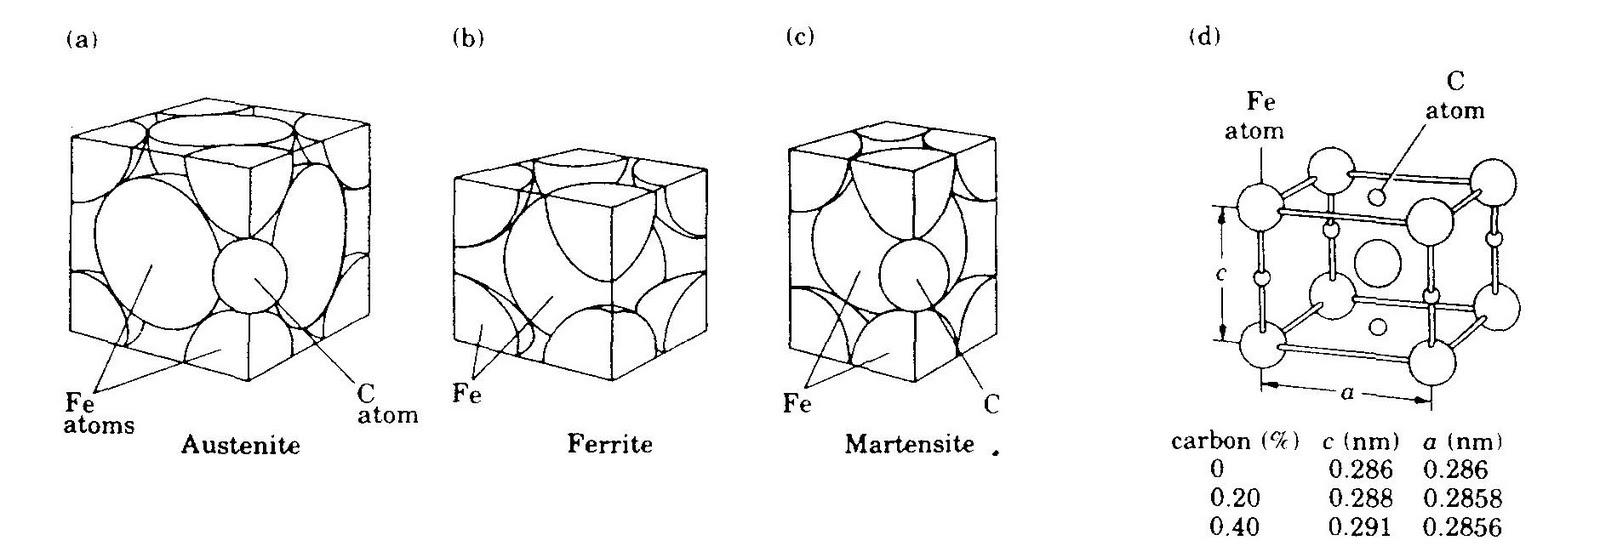 Pemilihan bahan dan proses daerah diagram fase besi karbida besi yang signifikan untuk baja ditunjukkan pada gambar410 sebuah pembesaran bagian kiri bawah gambar 48 ccuart Image collections